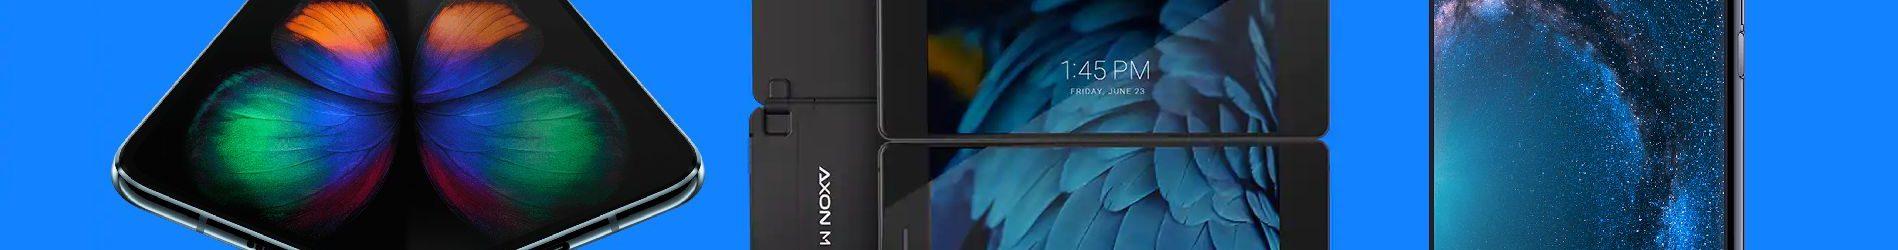 Lo ZTE AXON M può essere considerato l'alternativa low-cost al Samsung Galaxy Fold o al Huawei Mate X?!